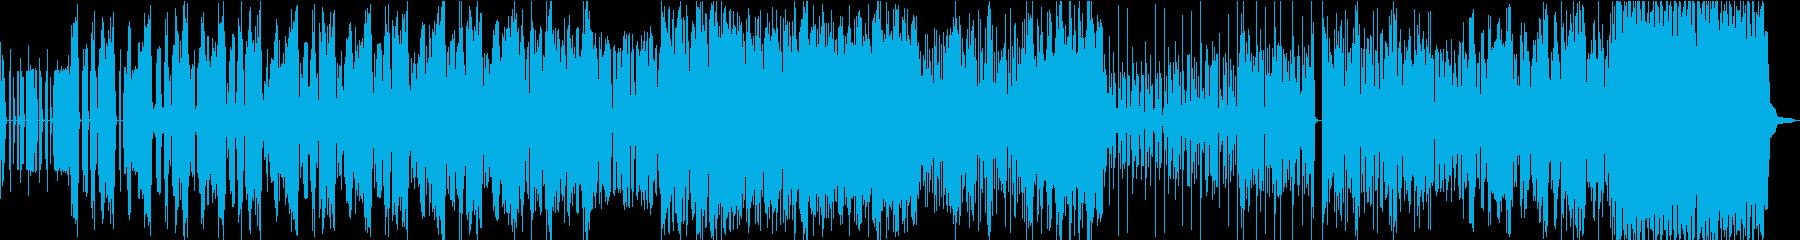 盛り上がりの大きいダブステップの再生済みの波形